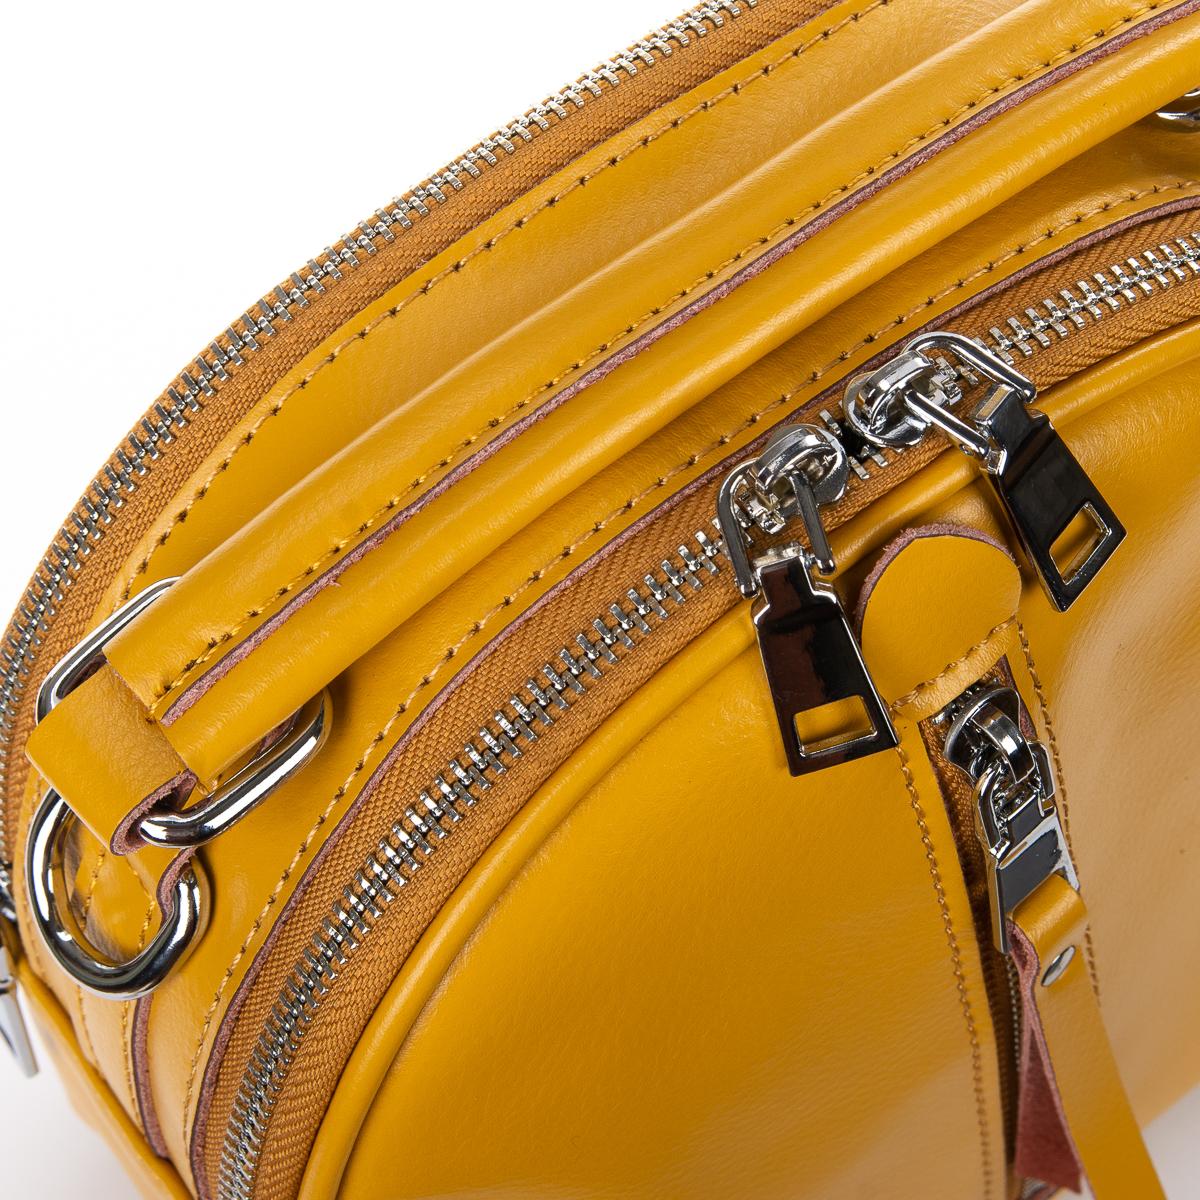 Сумка Женская Клатч кожа ALEX RAI 010-1 339 yellow - фото 3